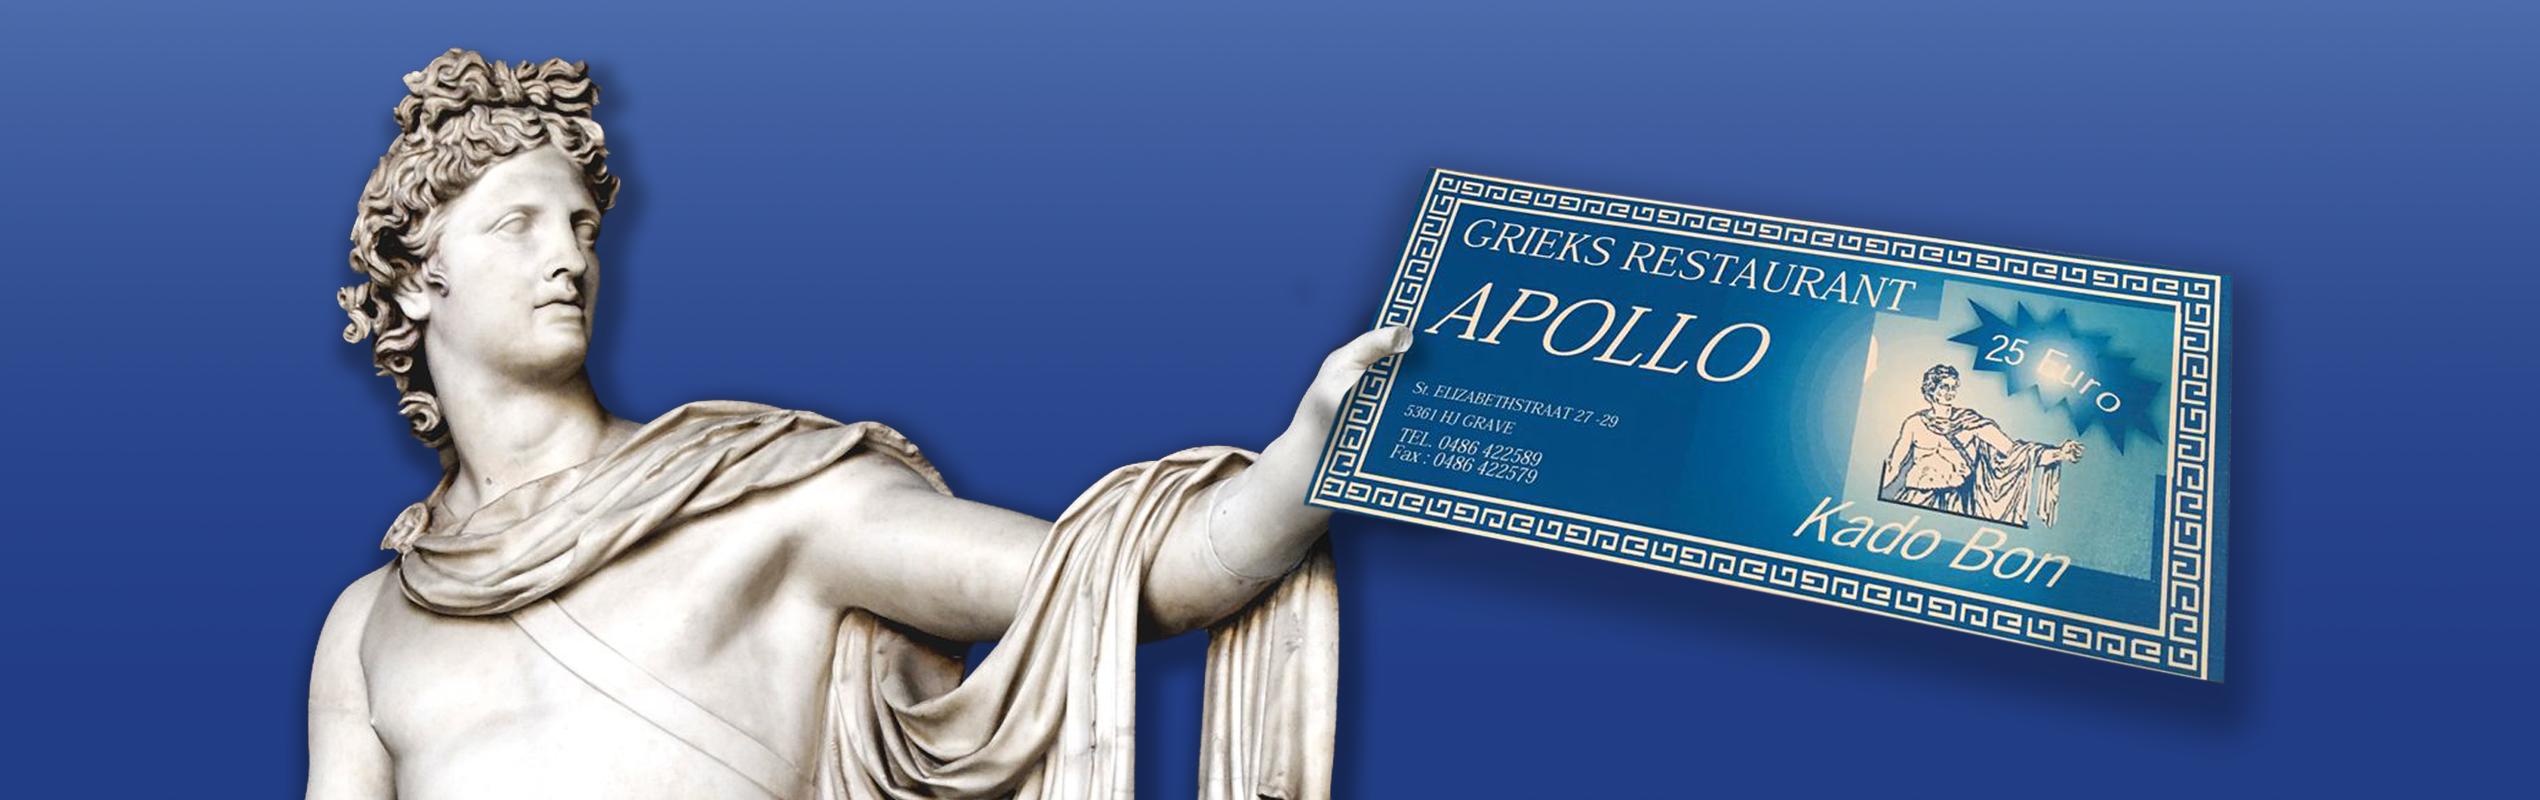 Cadeaubon Apollo